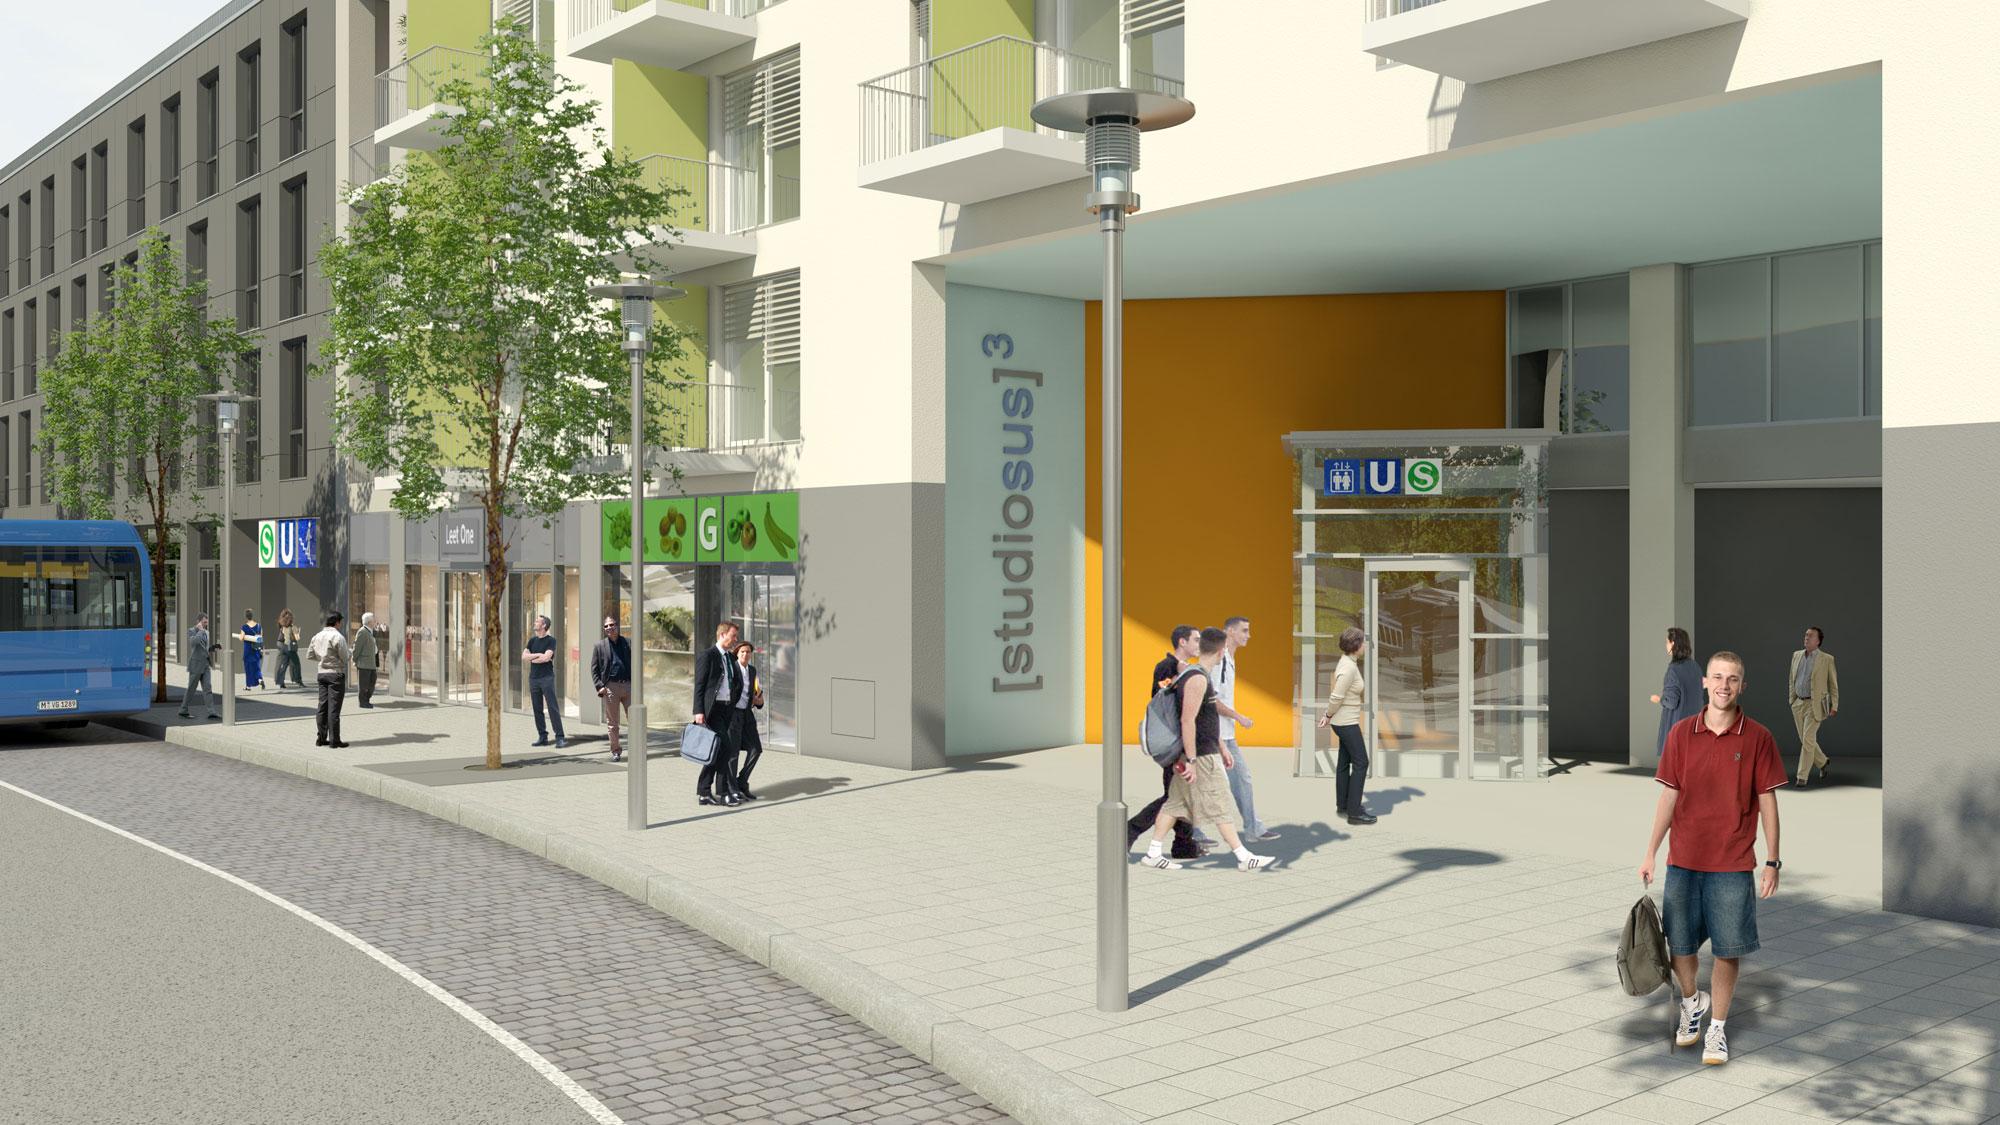 Eingang der Wohnimmobilie studiosus 3 mit modernen Studentenapartments in München Moosach